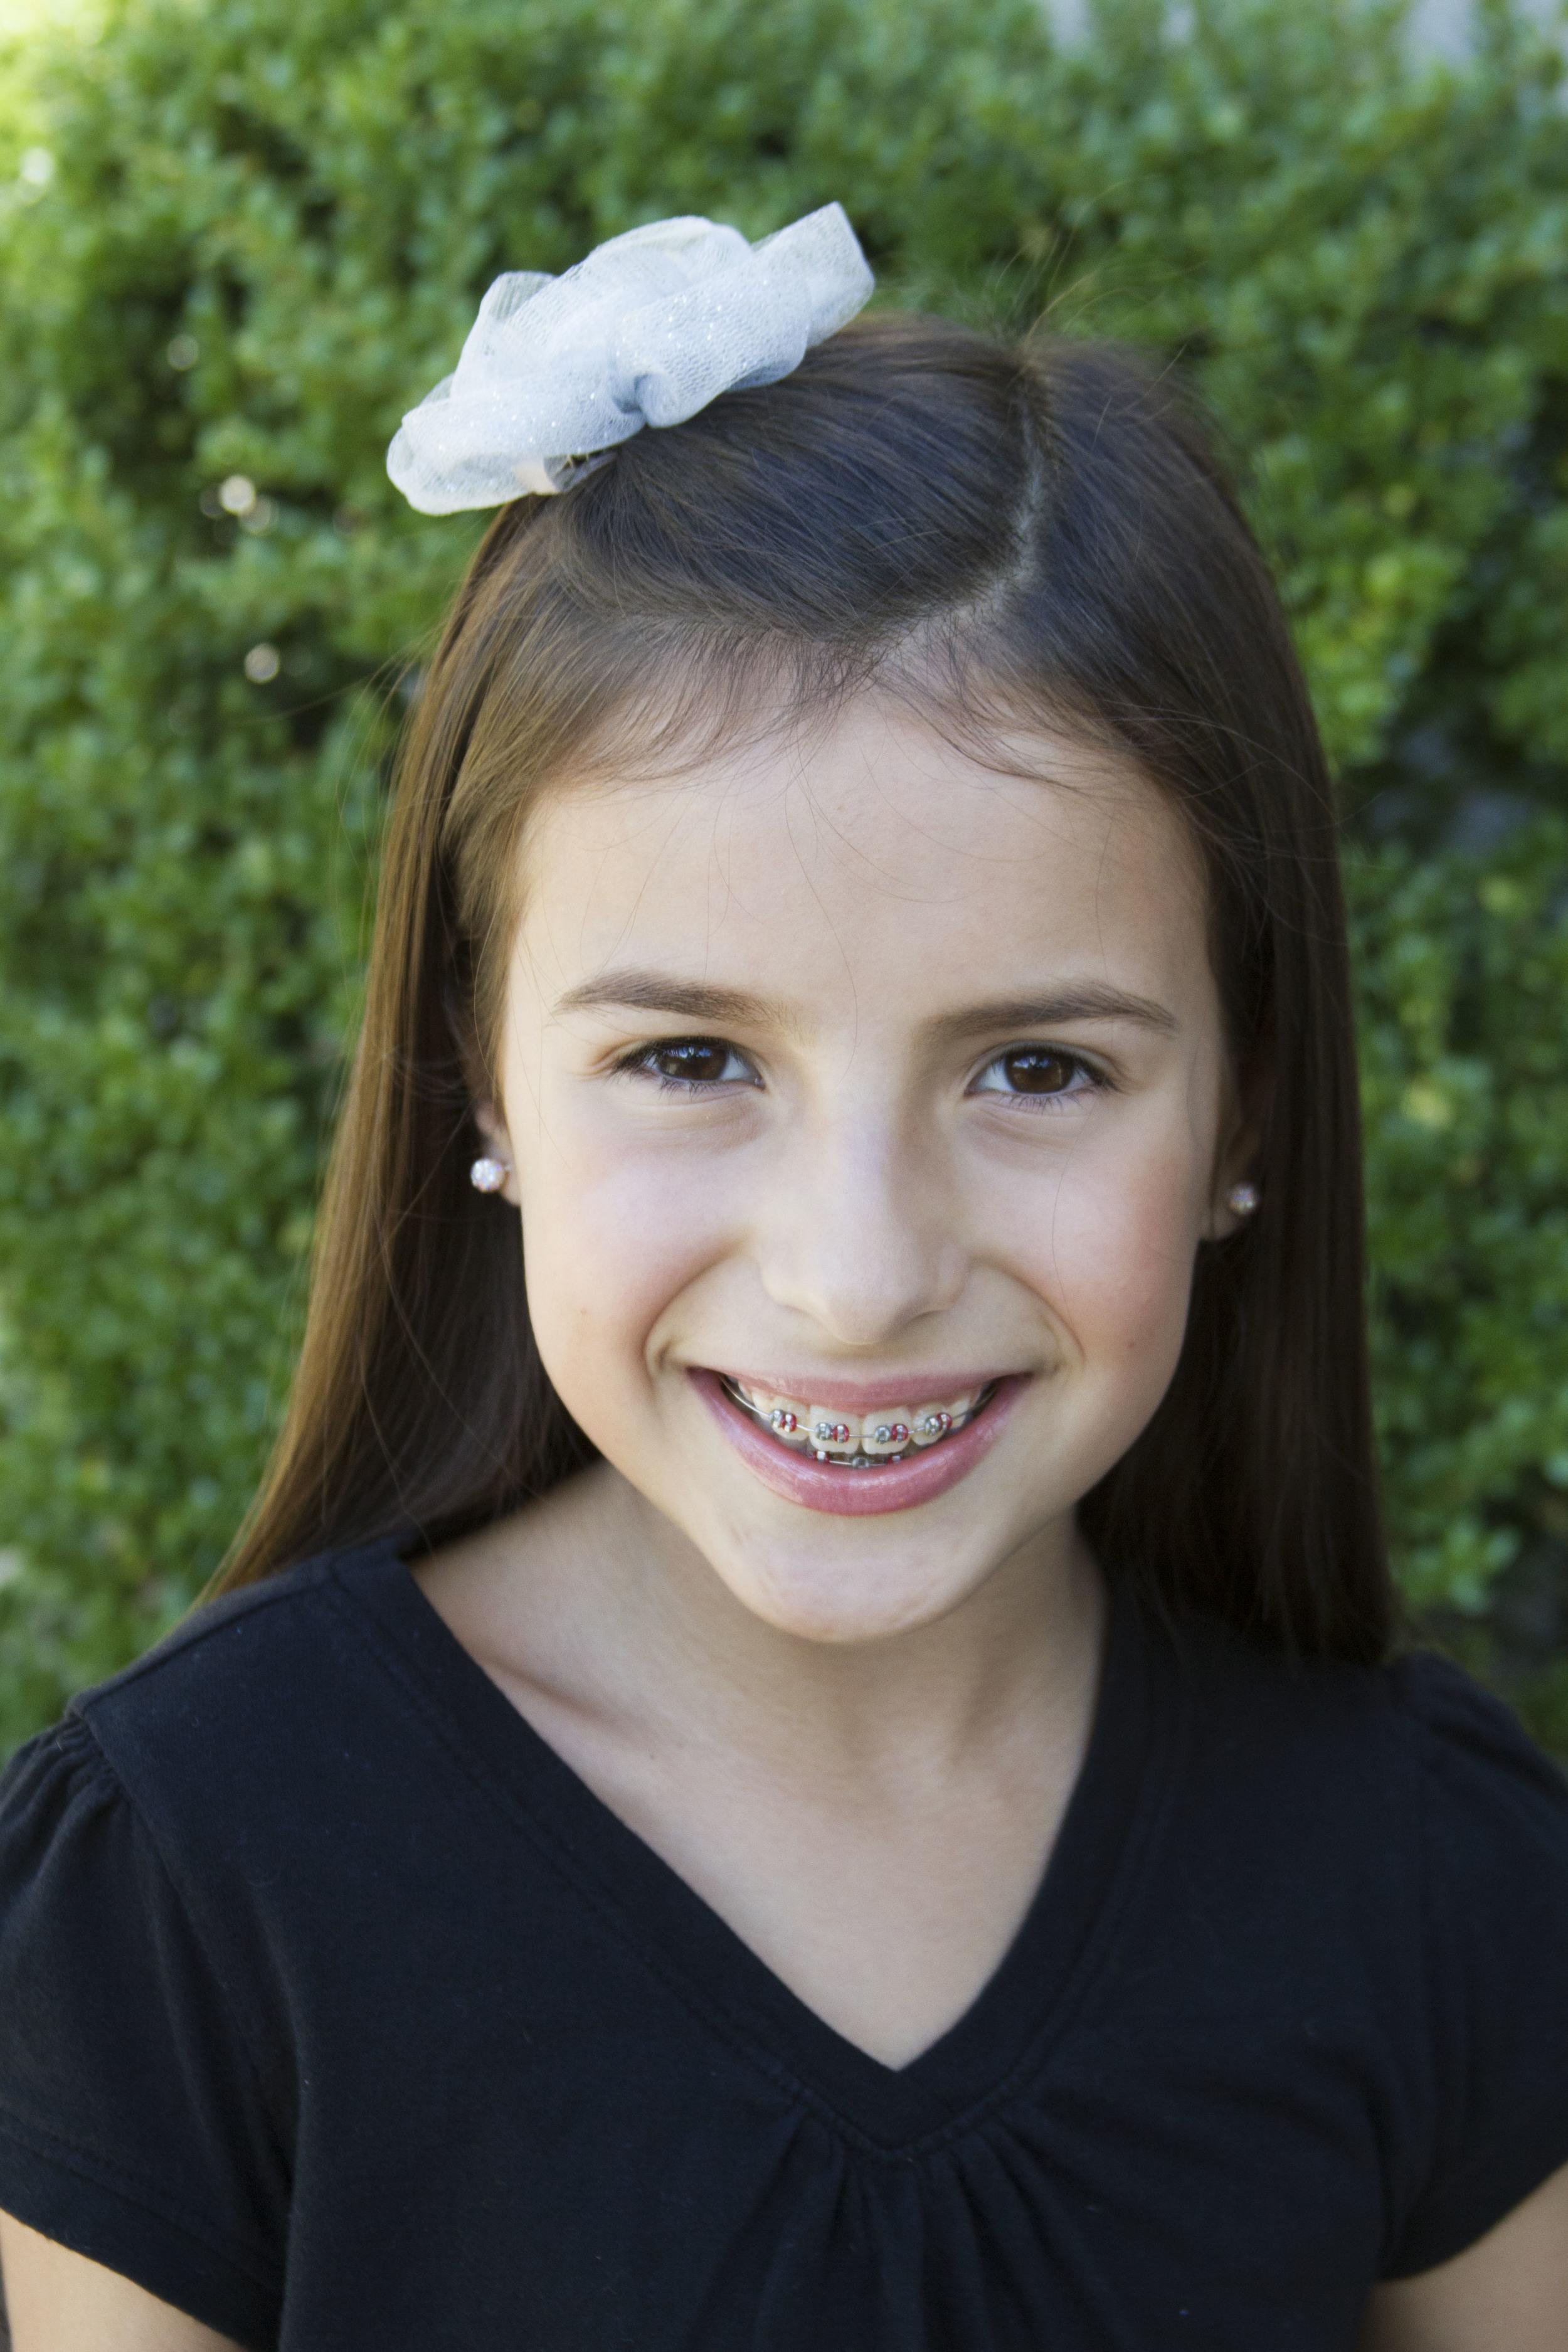 Sophia McLain, Junior Dancer